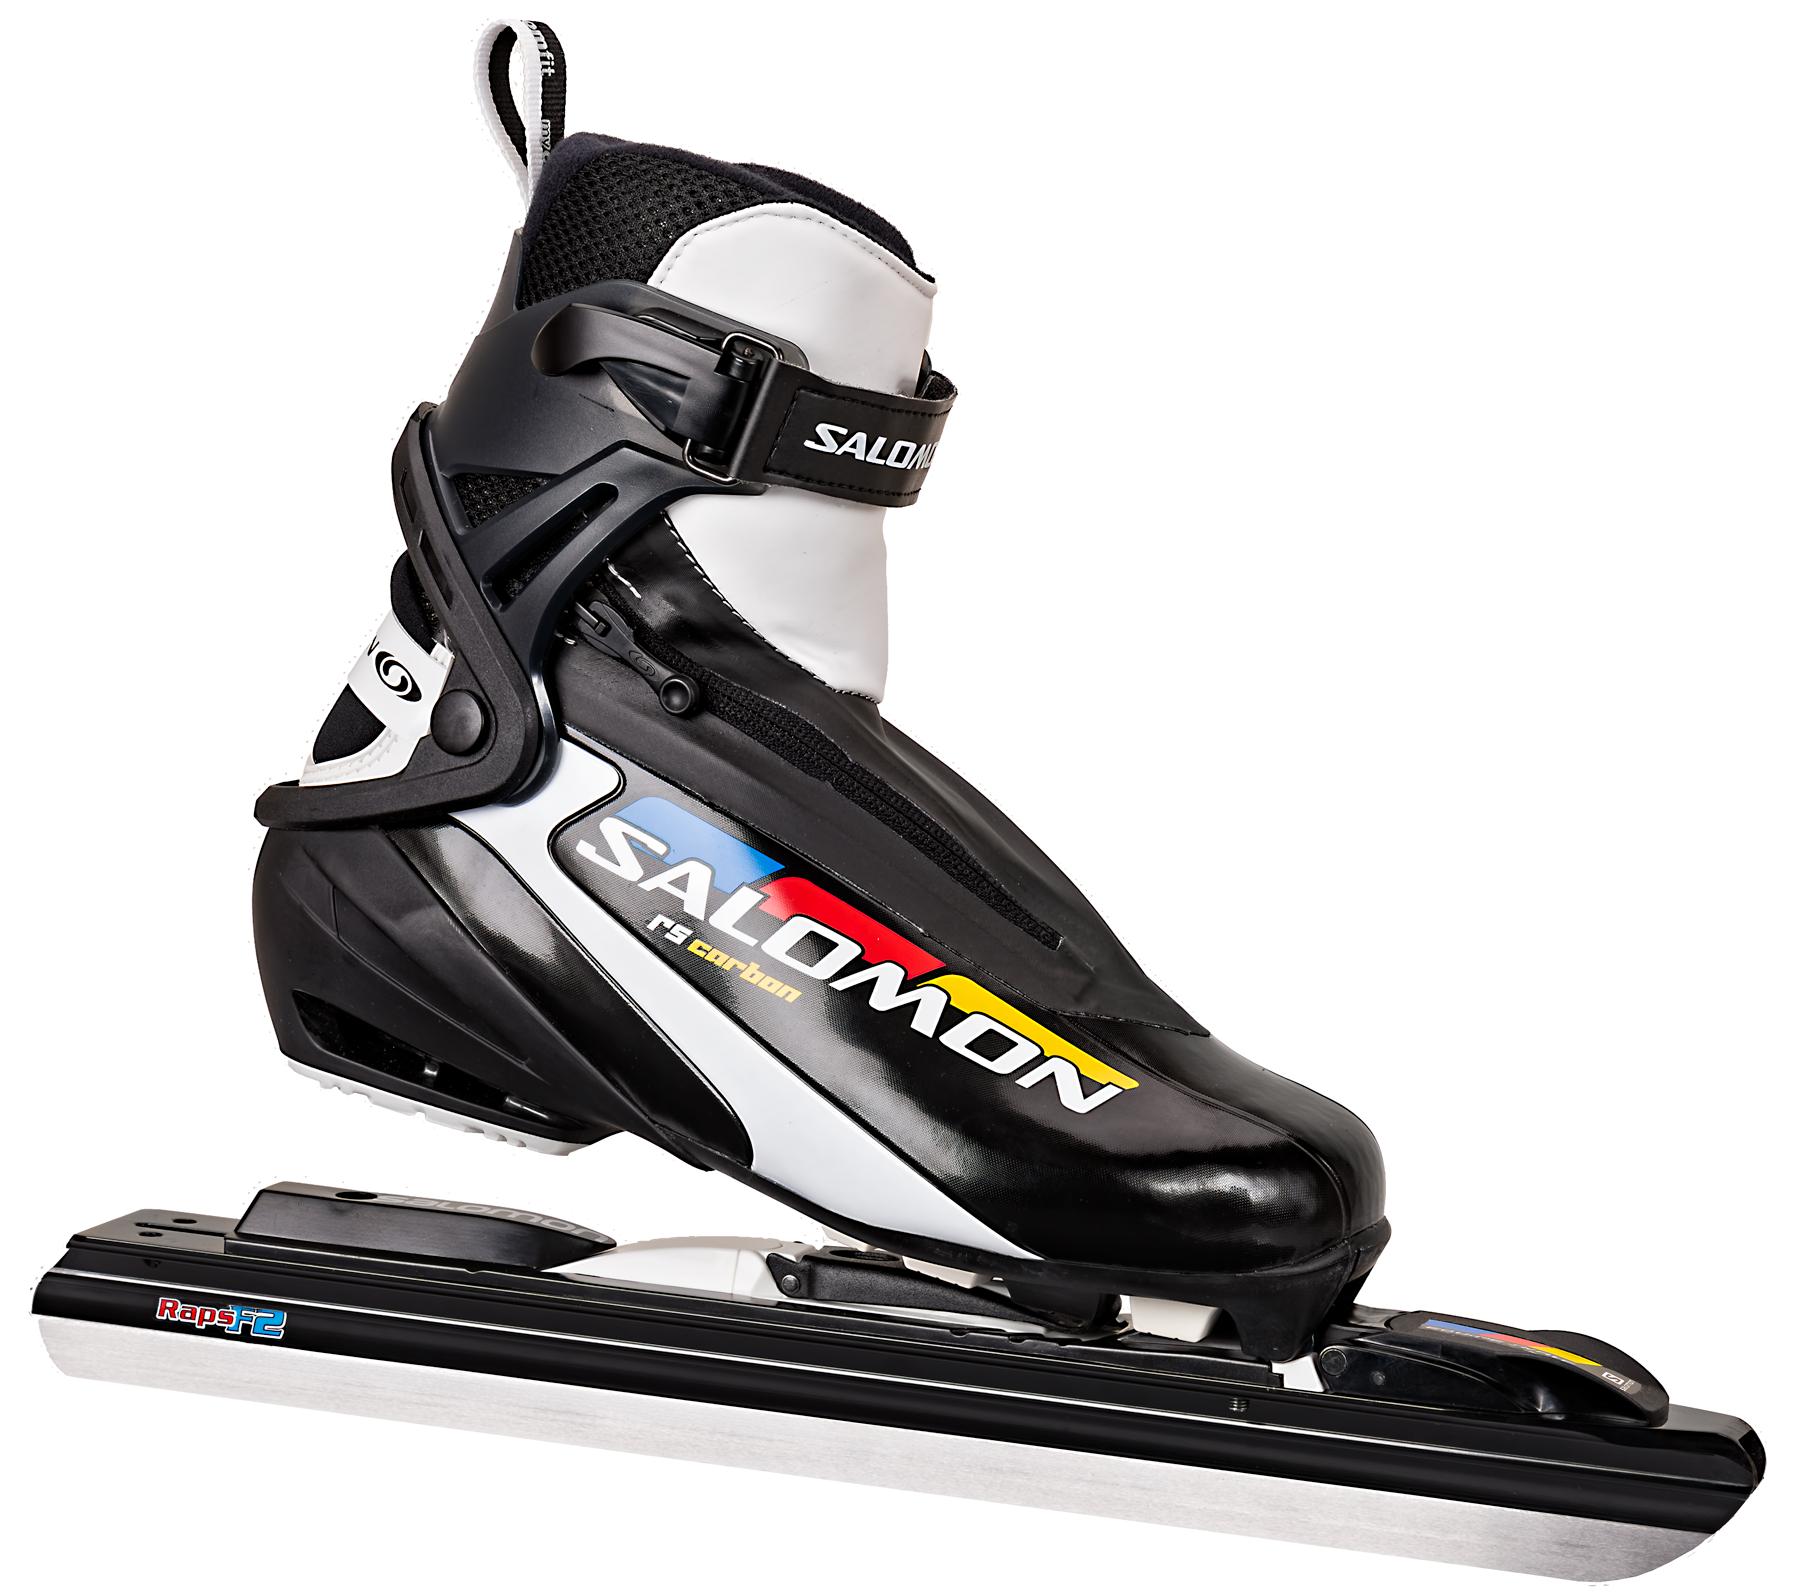 ea8063415bb Salomon RS Carbon Boot with Raps F1 THOR bestellen bij Skate-dump.com